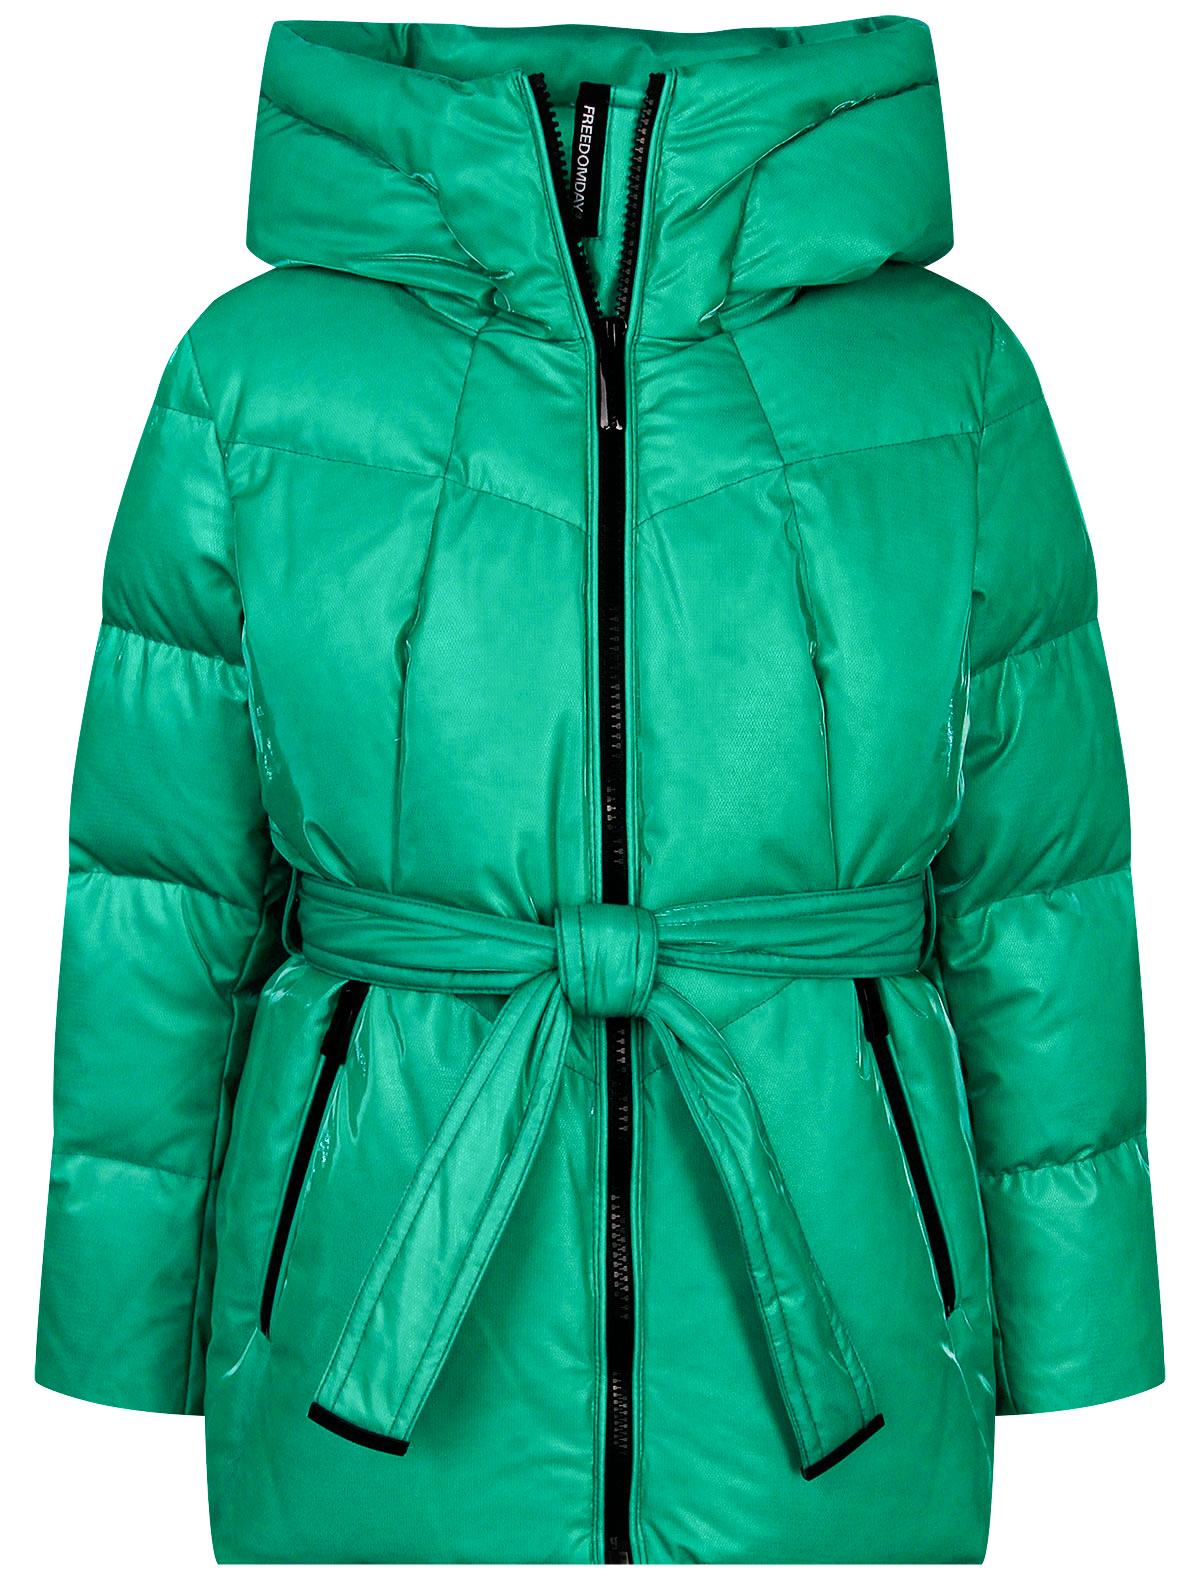 2342606, Куртка FREEDOMDAY, зеленый, Женский, 1074509181163  - купить со скидкой